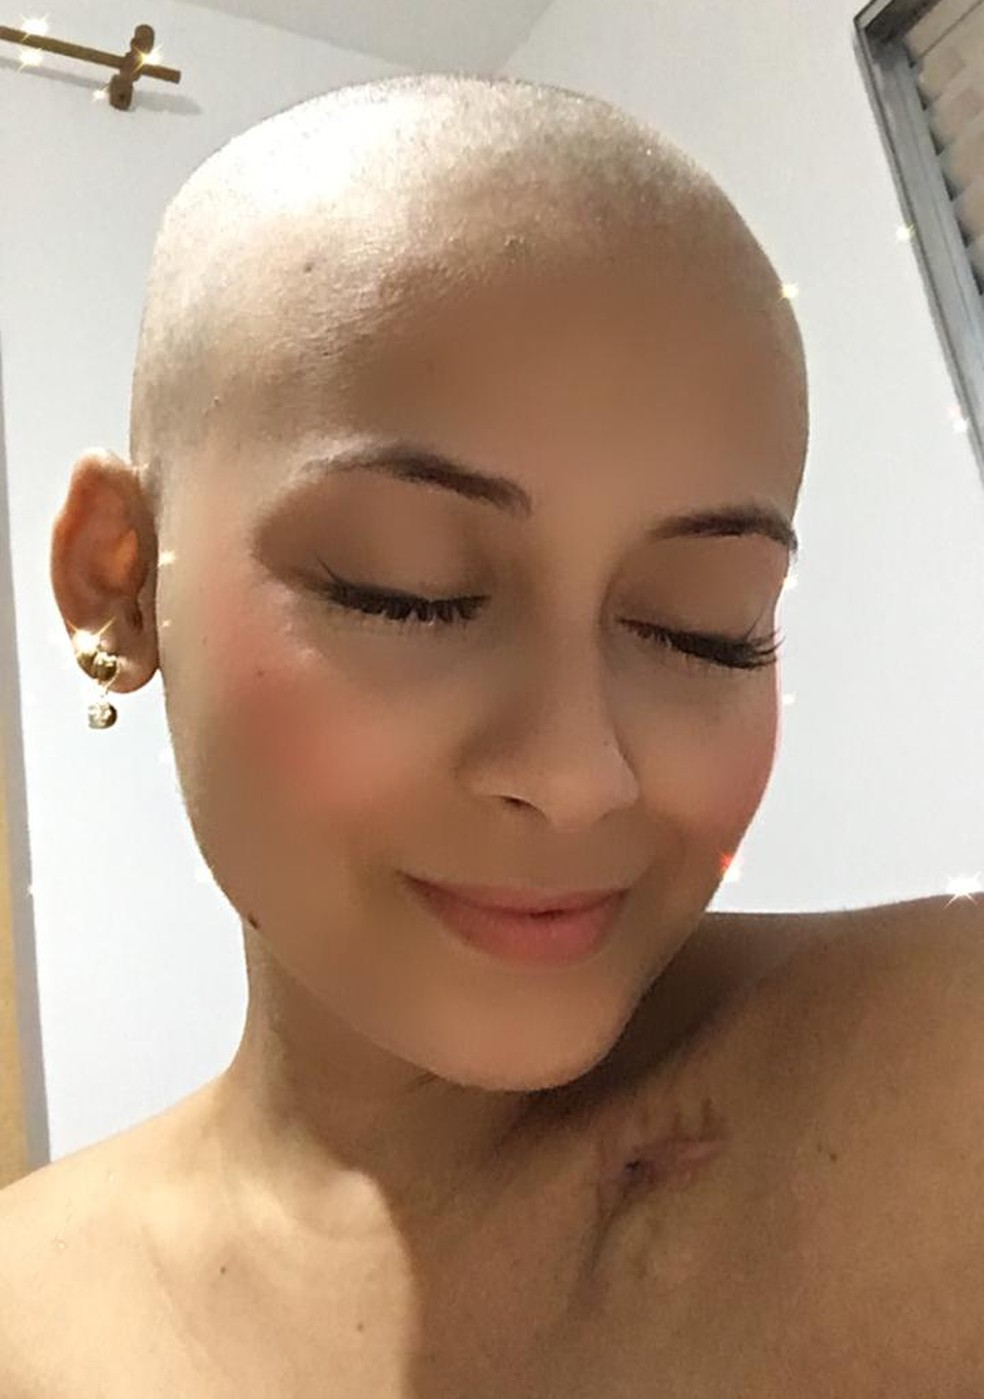 Jovem após raspar o cabelo, o que, segundo ela, foi libertador no seu processo de tratamento — Foto: Arquivo Pessoal